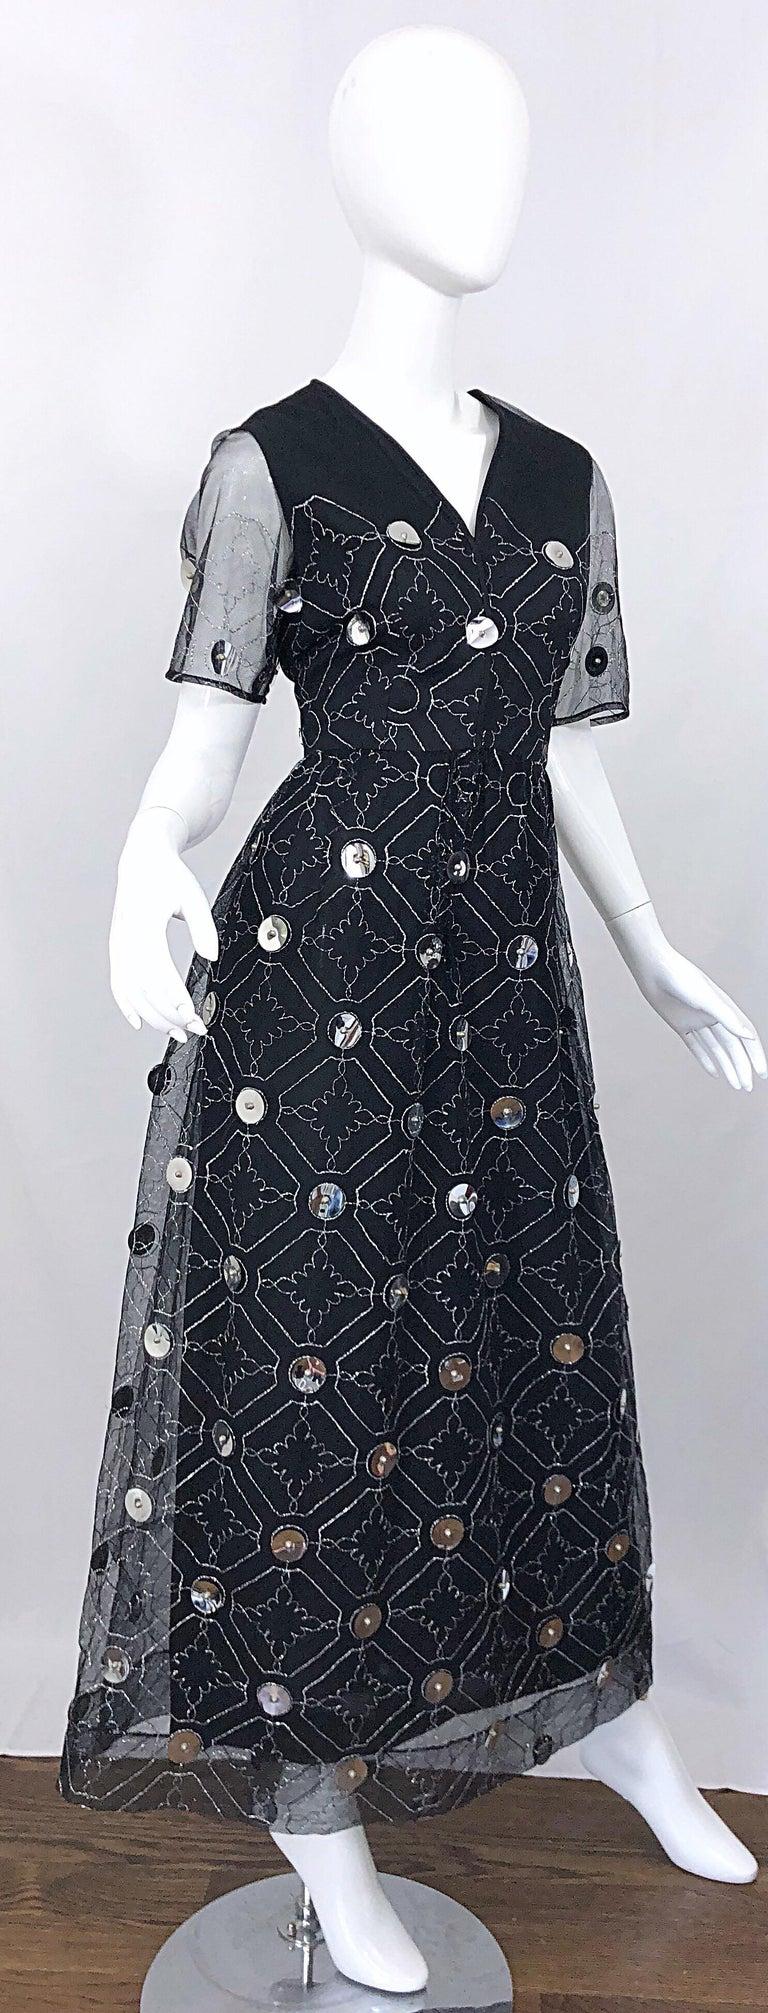 Vintage Oscar de la Renta Sz 10 1970s Black Tulle + Silver Pailletes 70s Gown For Sale 2